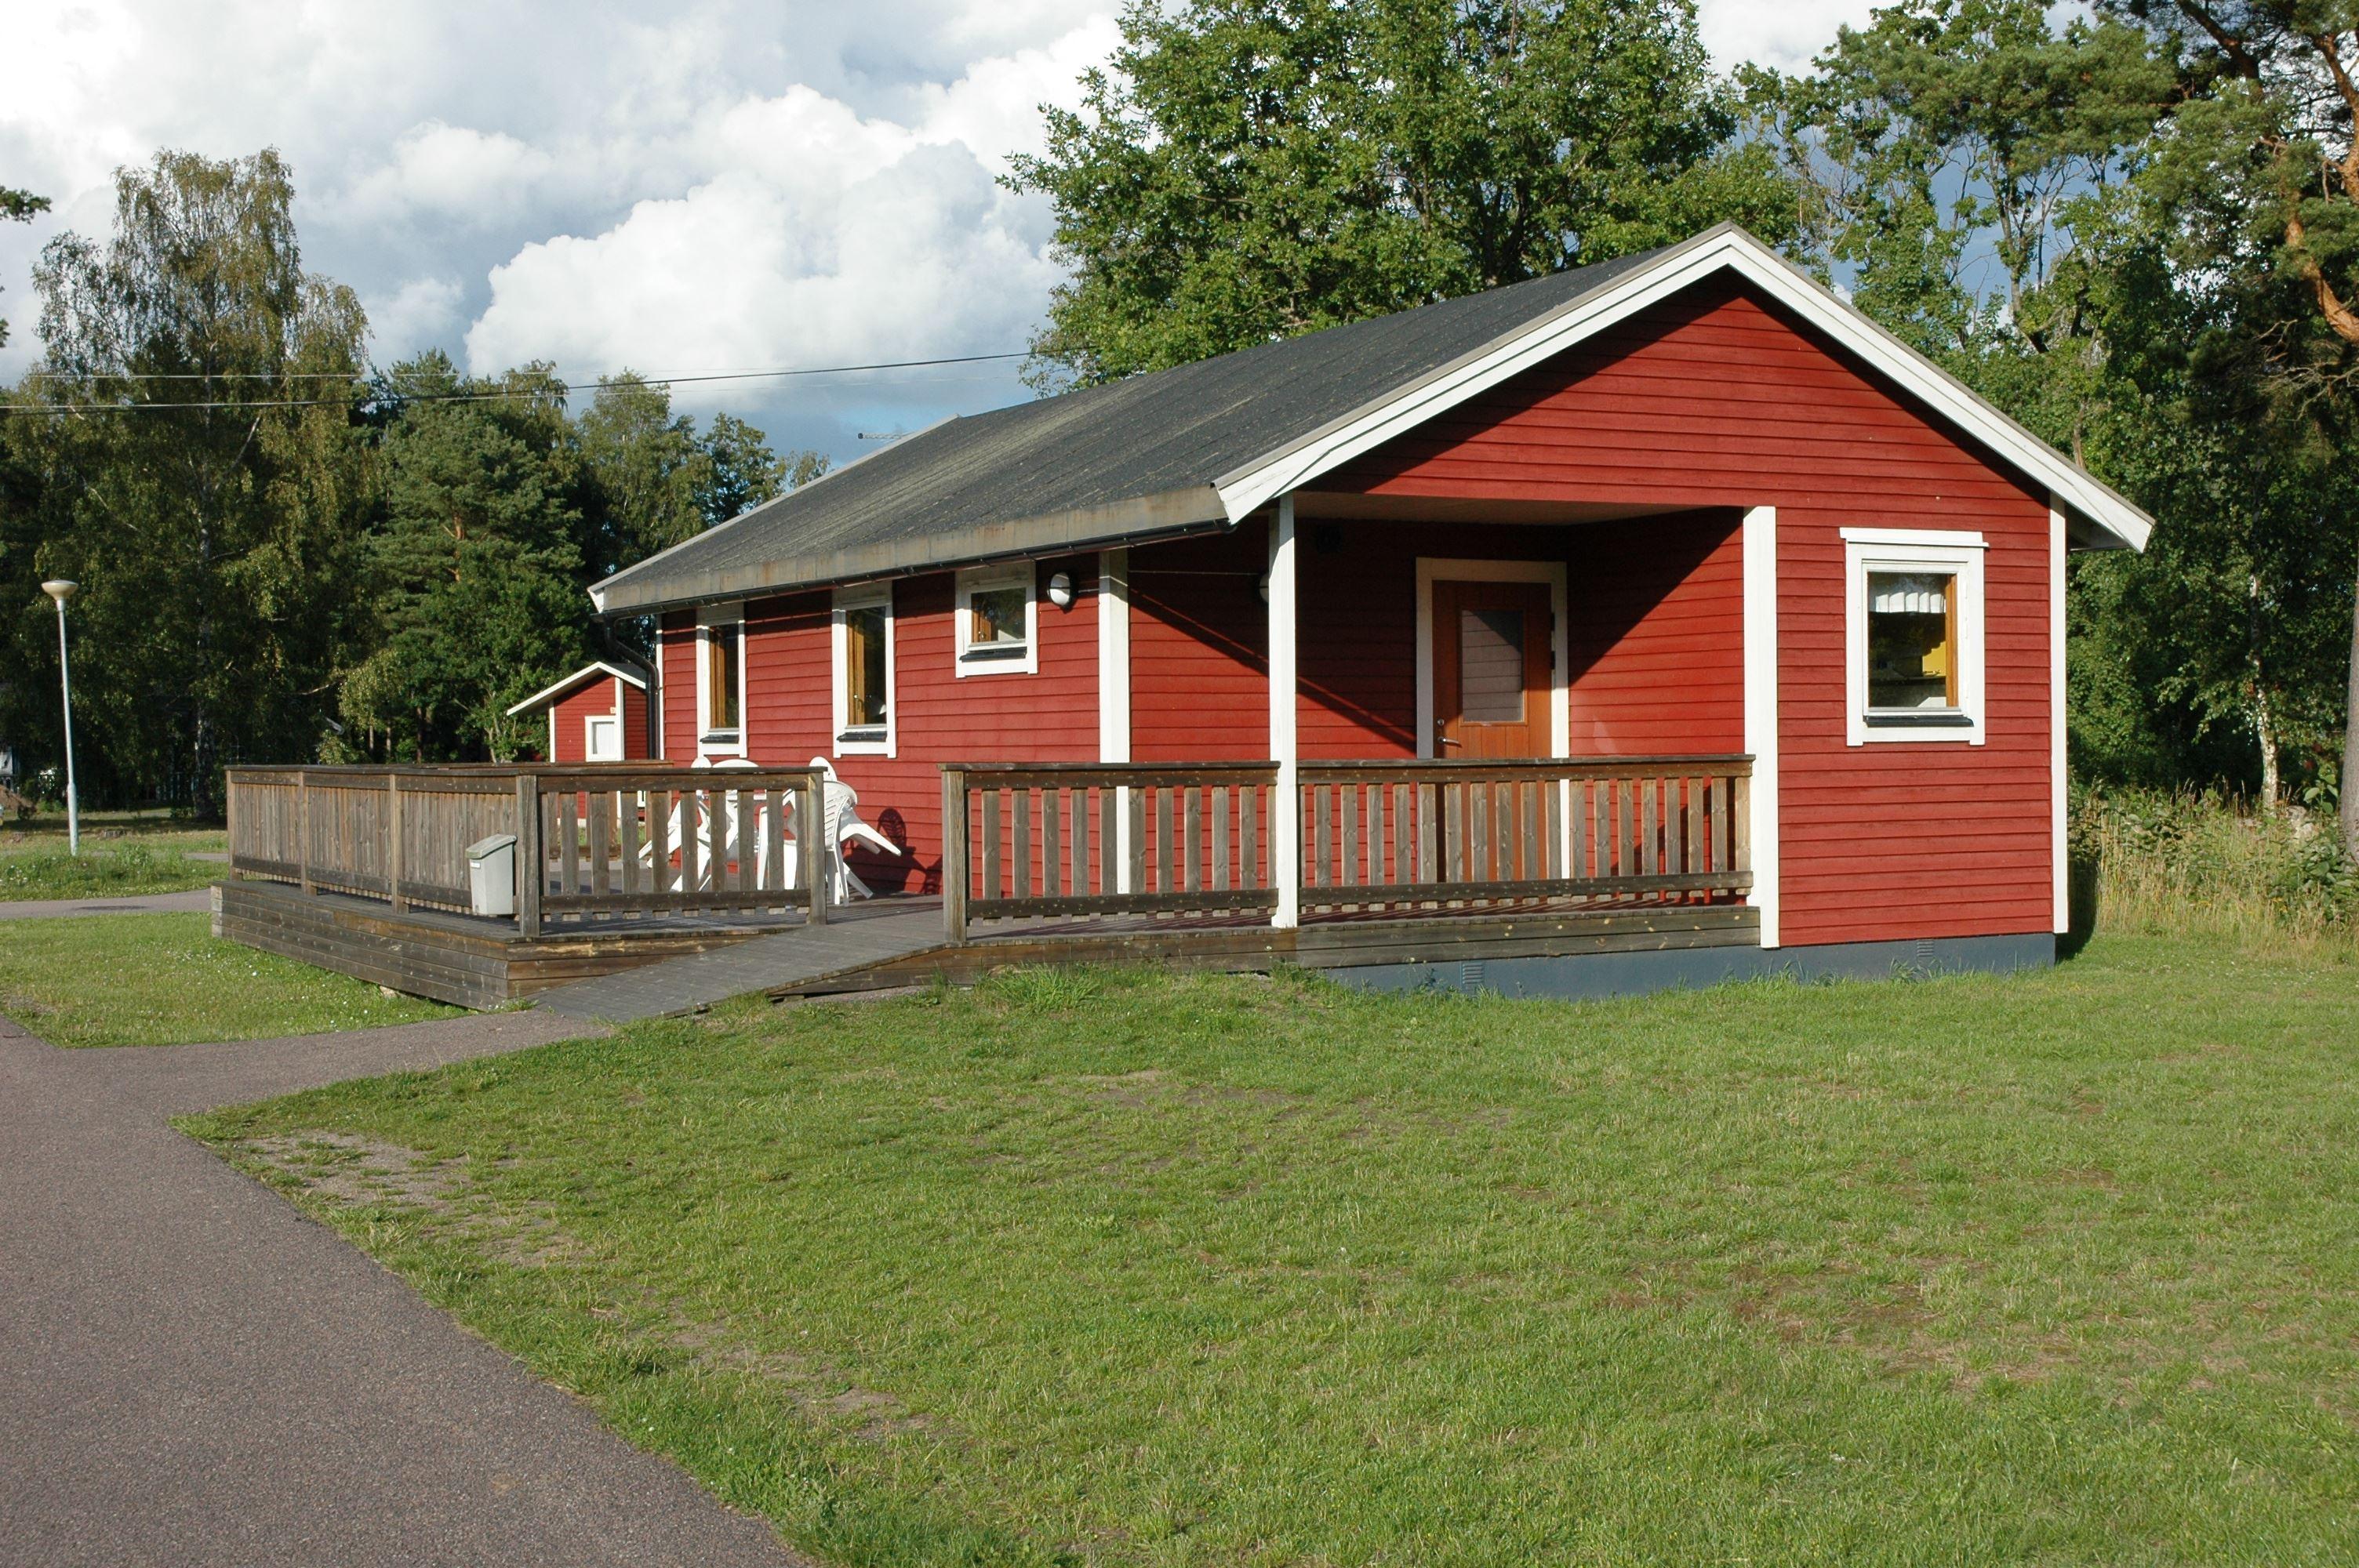 Haga Park Camping & Stugor/Ferienhäuser